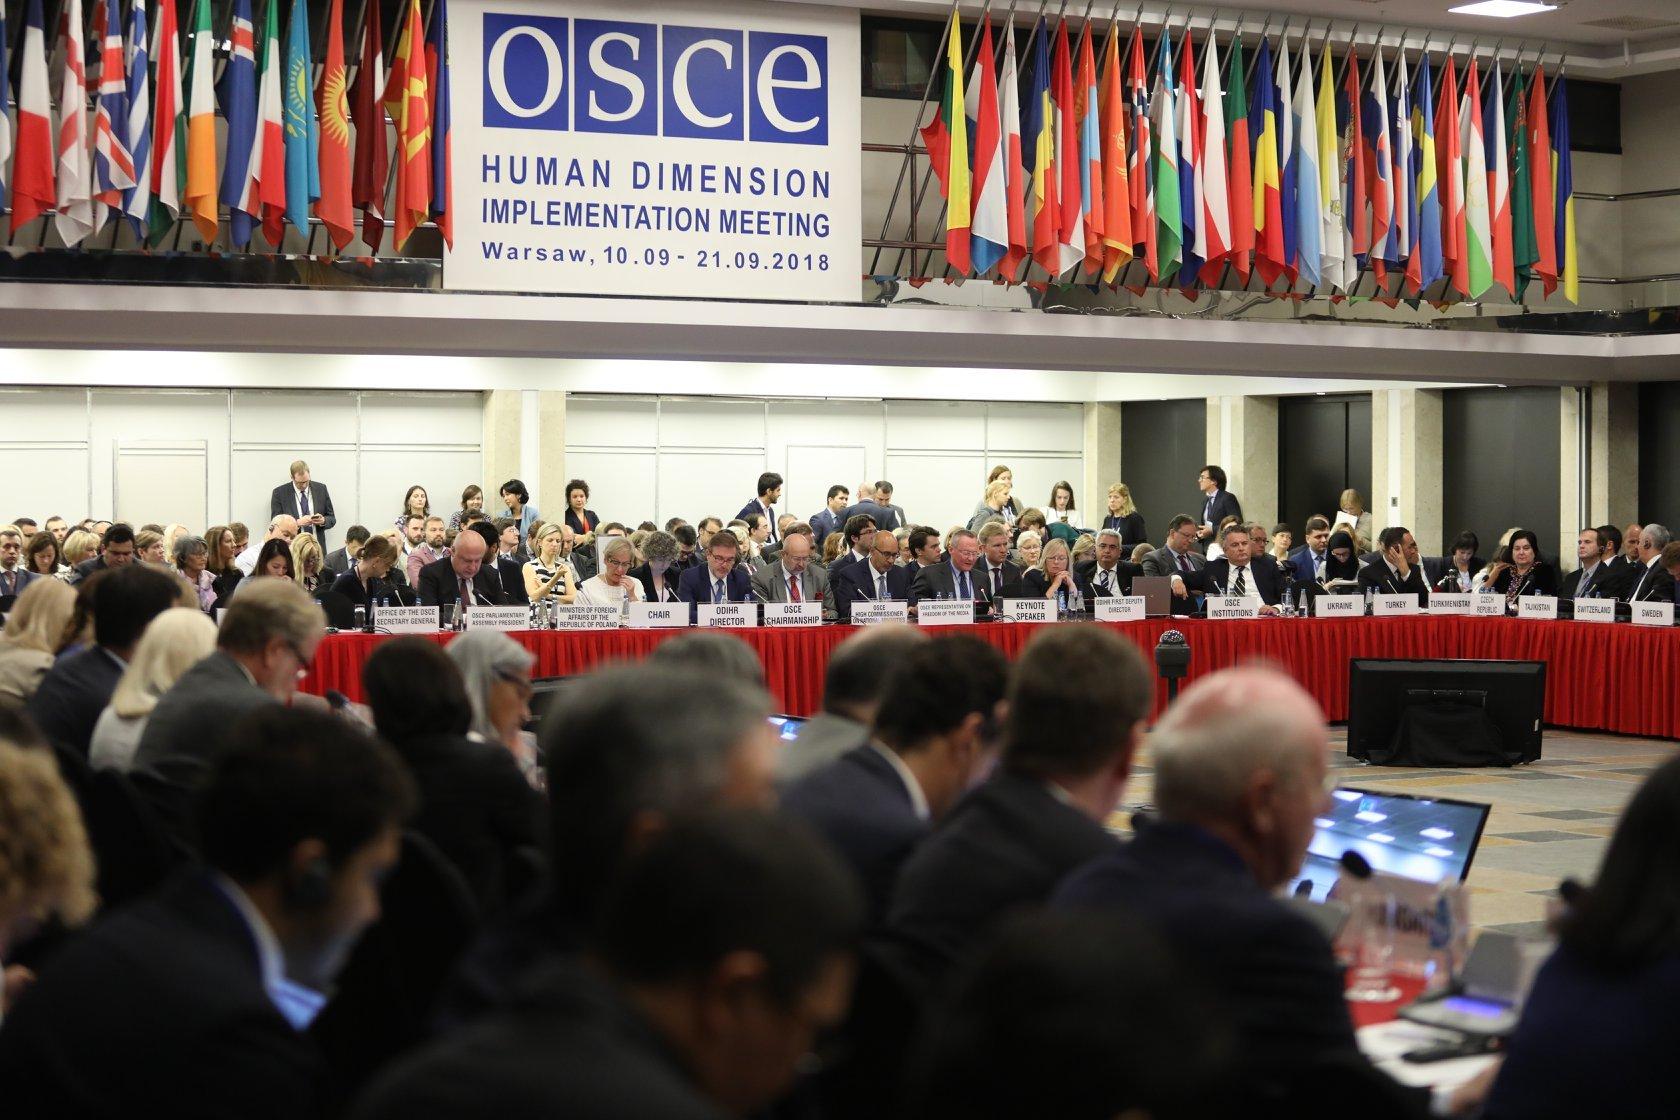 reunio Oficina d'Institucions Democràtiques i Drets Humans OSCE OIDDH - Facebook OIDDH